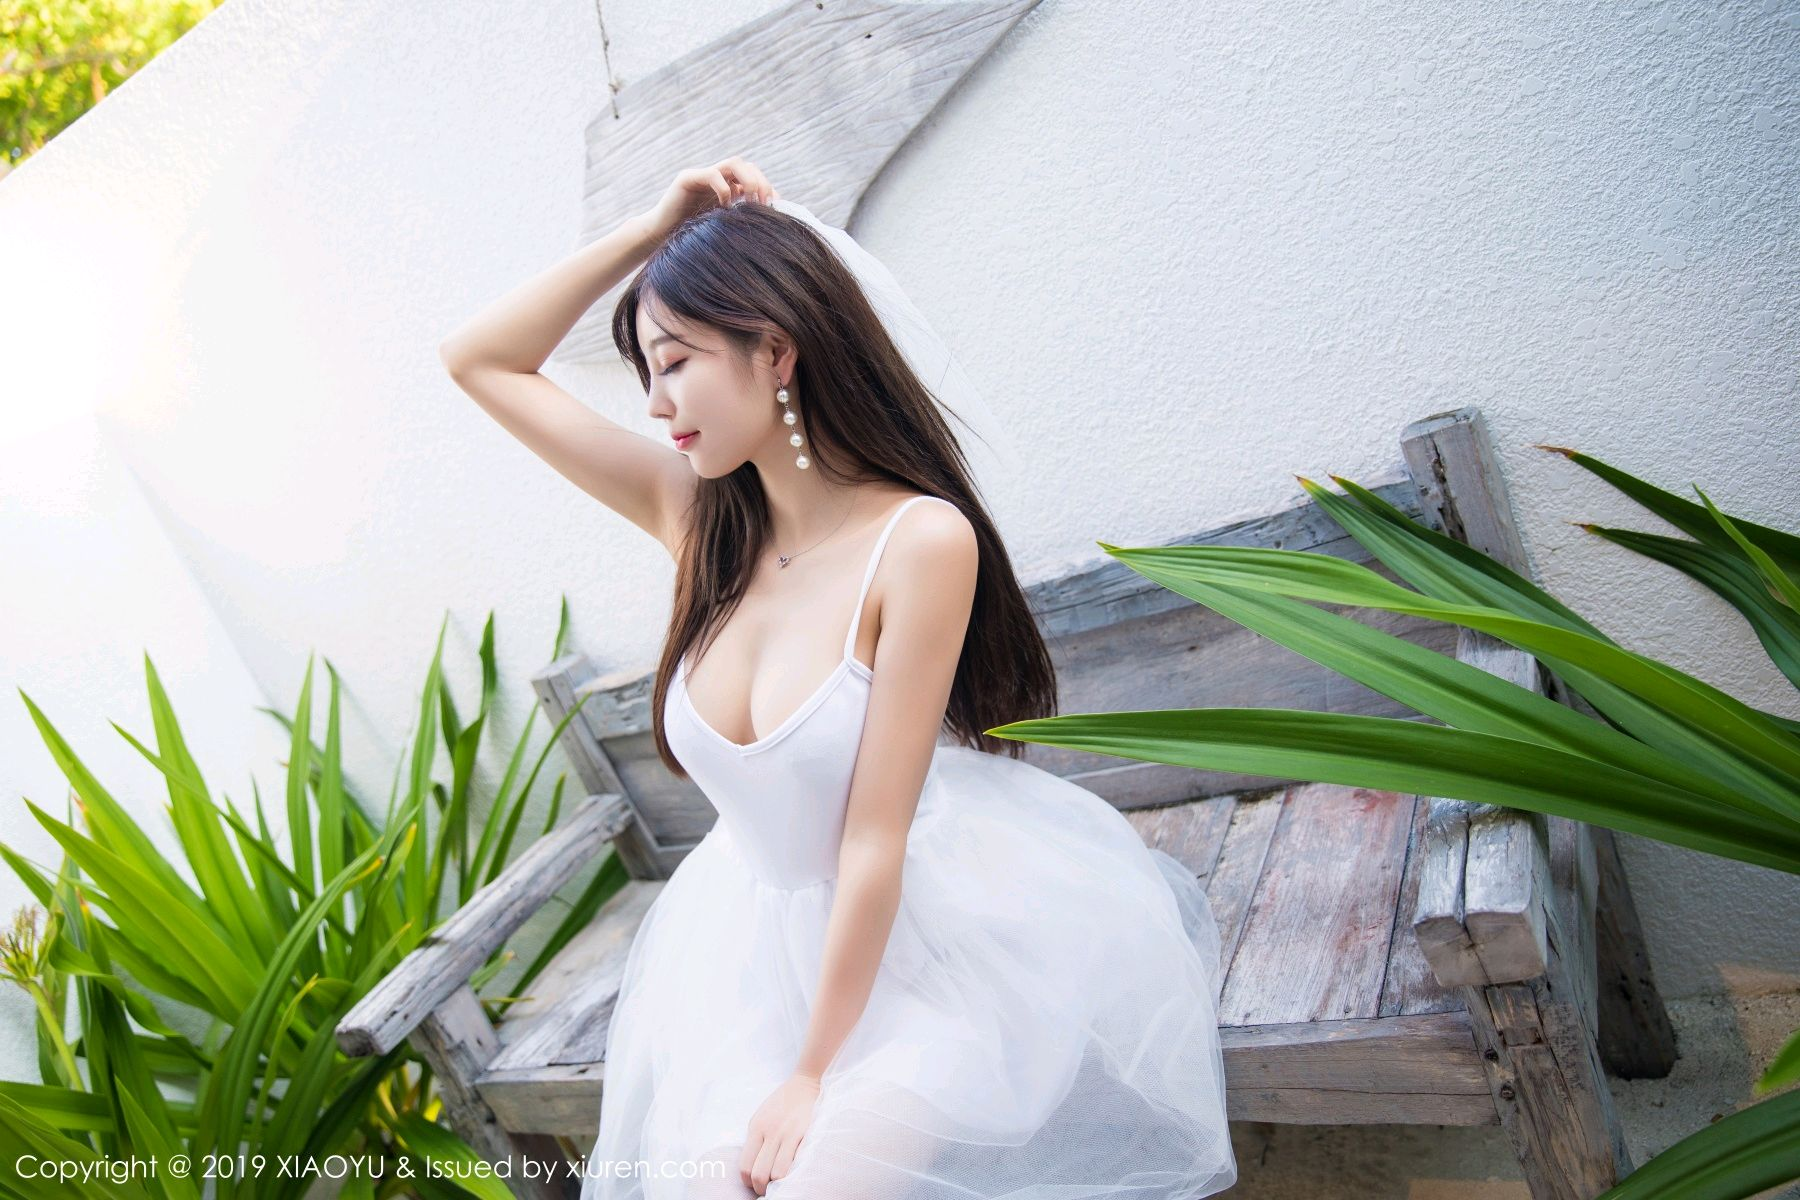 [XiaoYu] Vol.099 Yang Chen Chen 36P, Underwear, XiaoYu, Yang Chen Chen